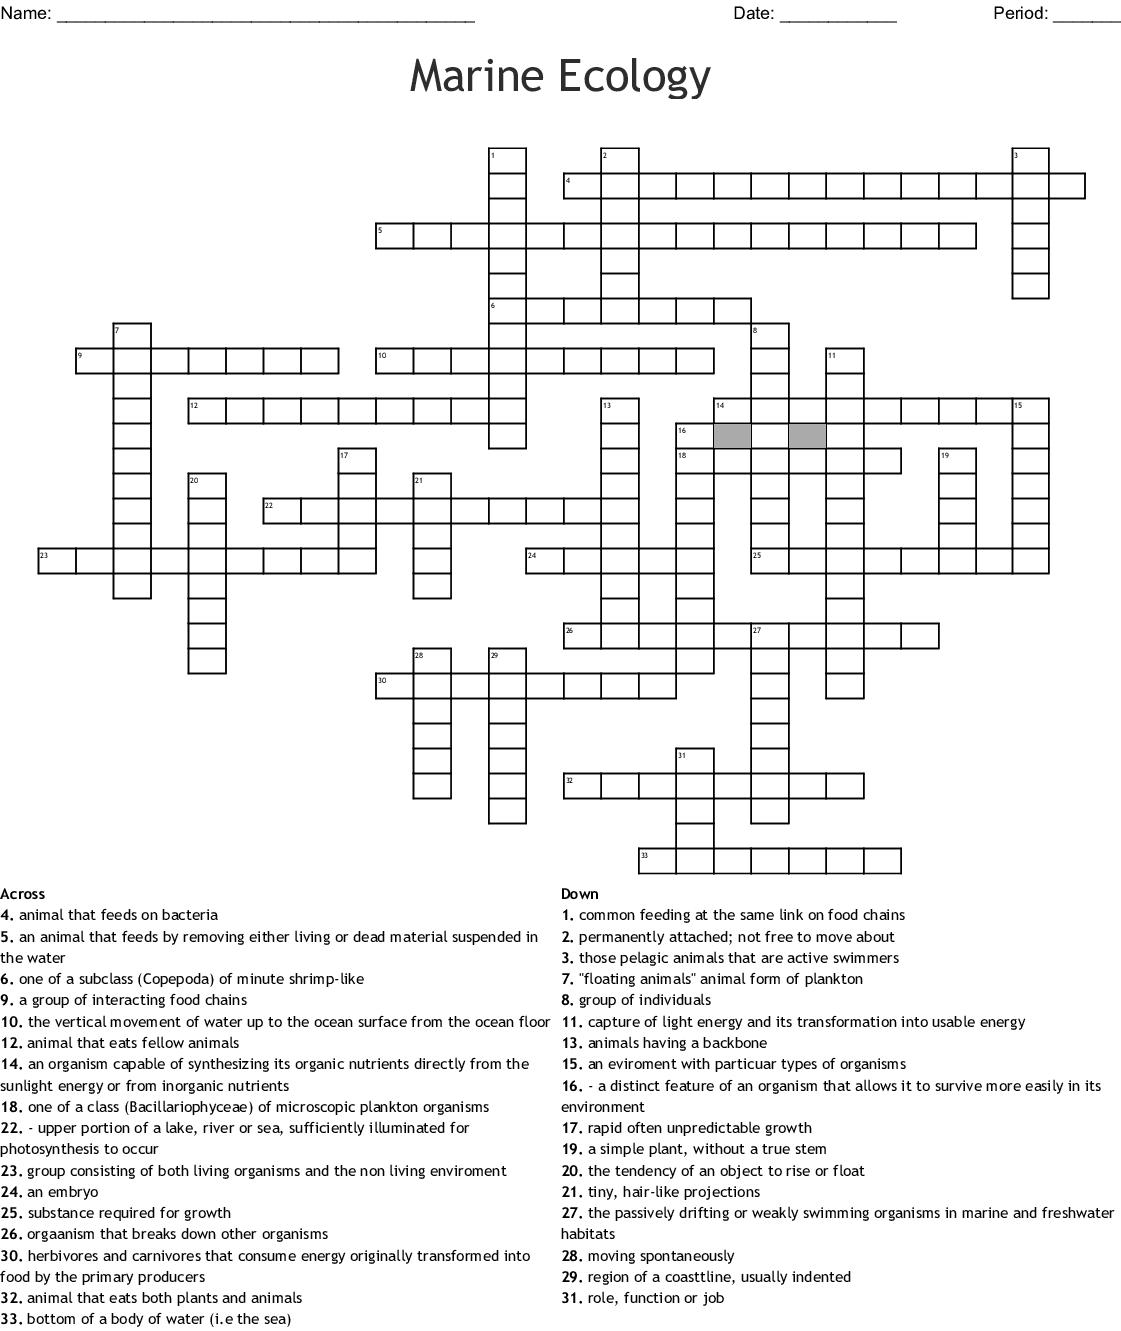 Marine Ecology Crossword